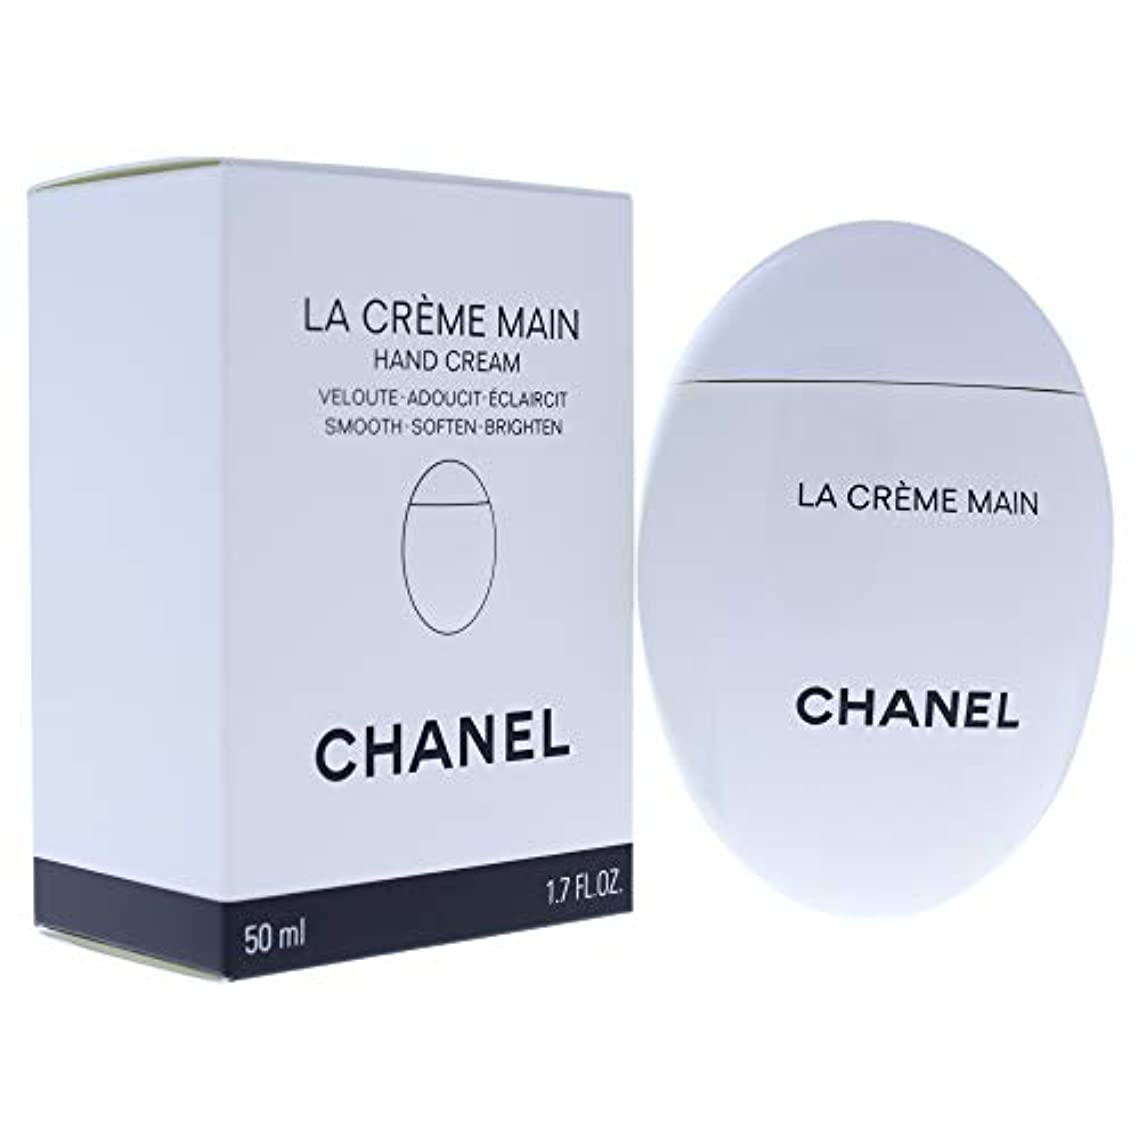 レベルサラダマグCHANEL LA CRÈME MAIN シャネル ラ クレーム マン ハンドクリーム 50ml